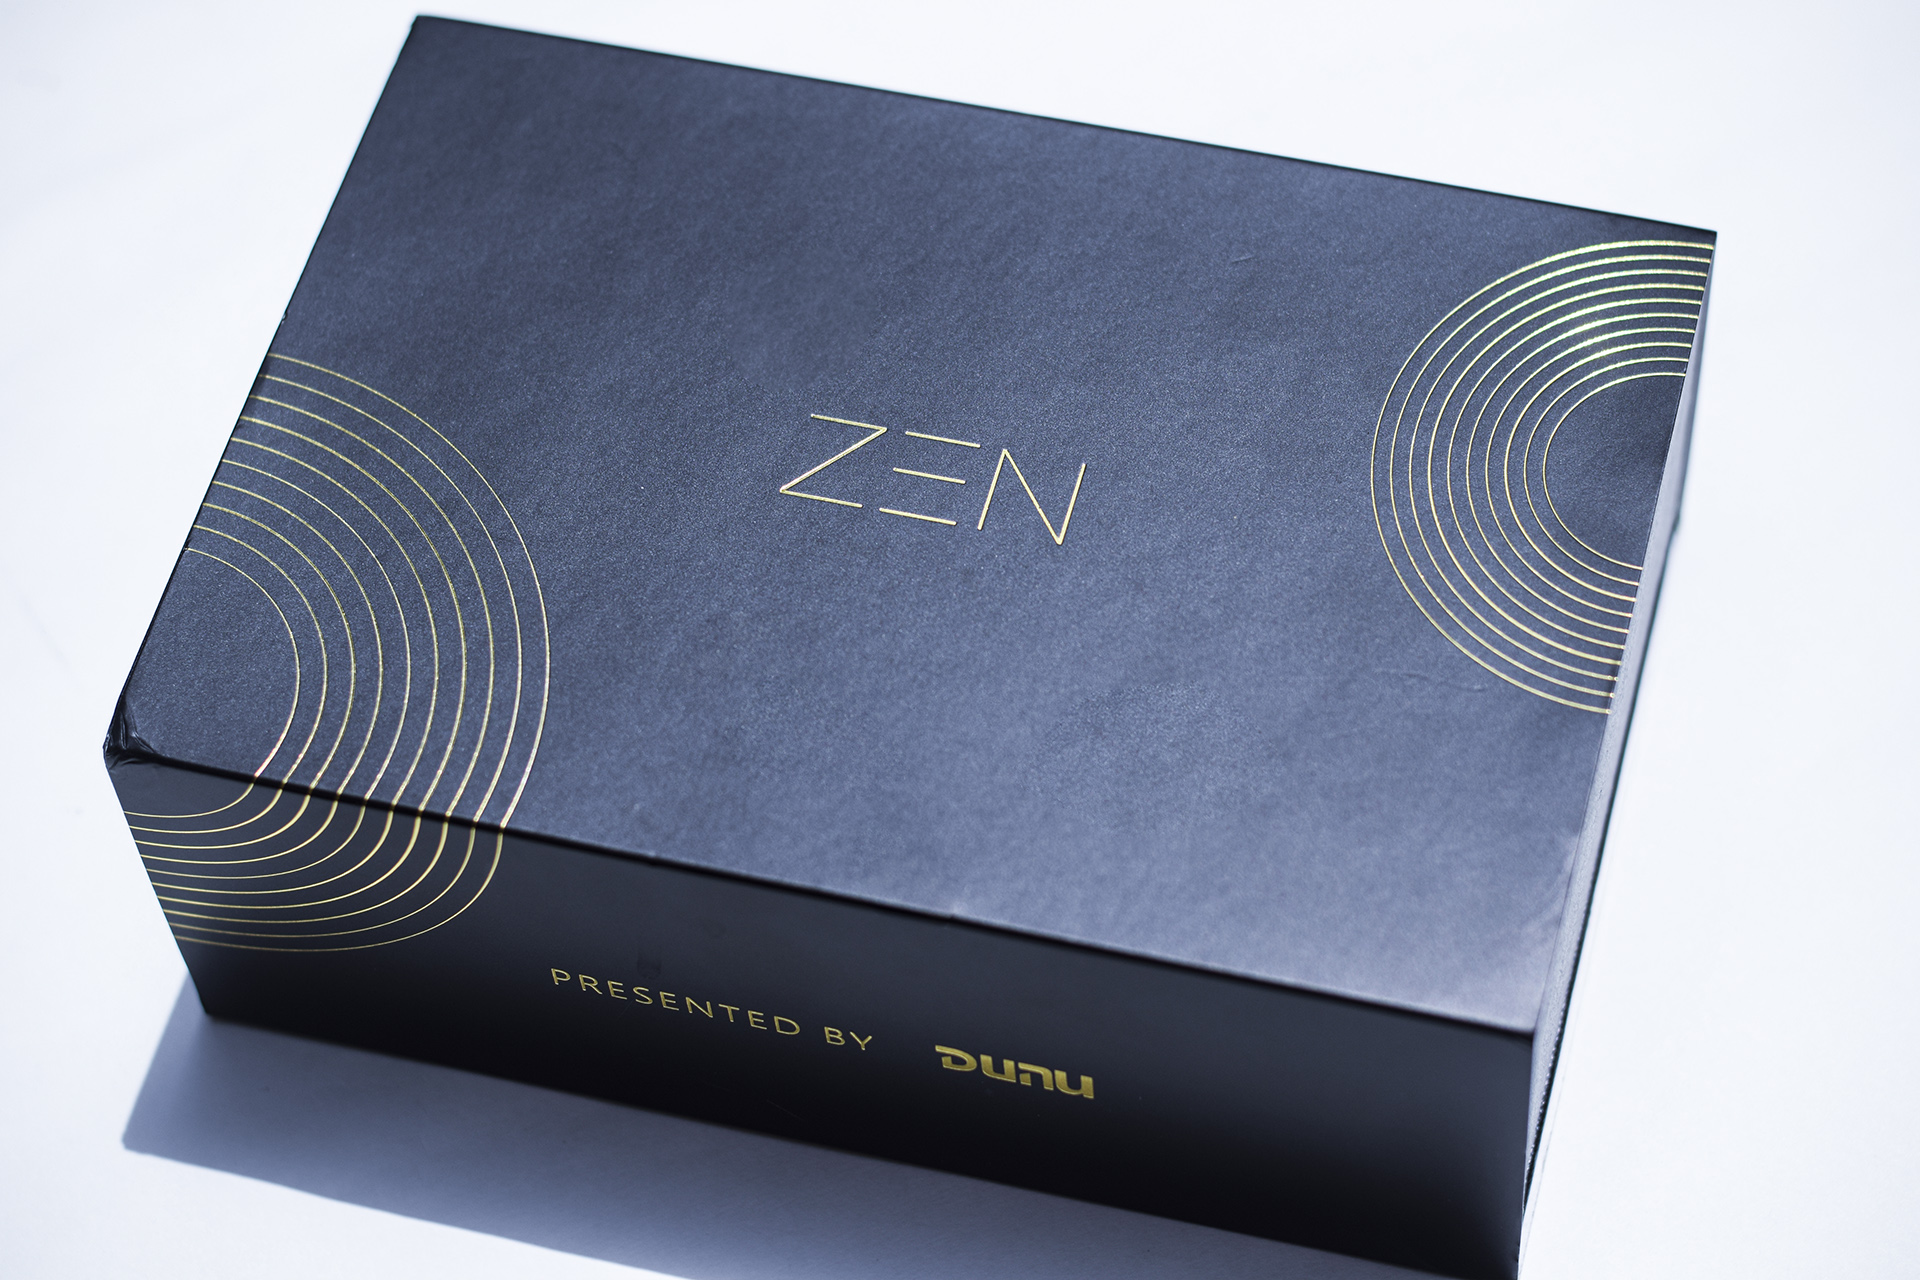 DUNU Zen Review-2